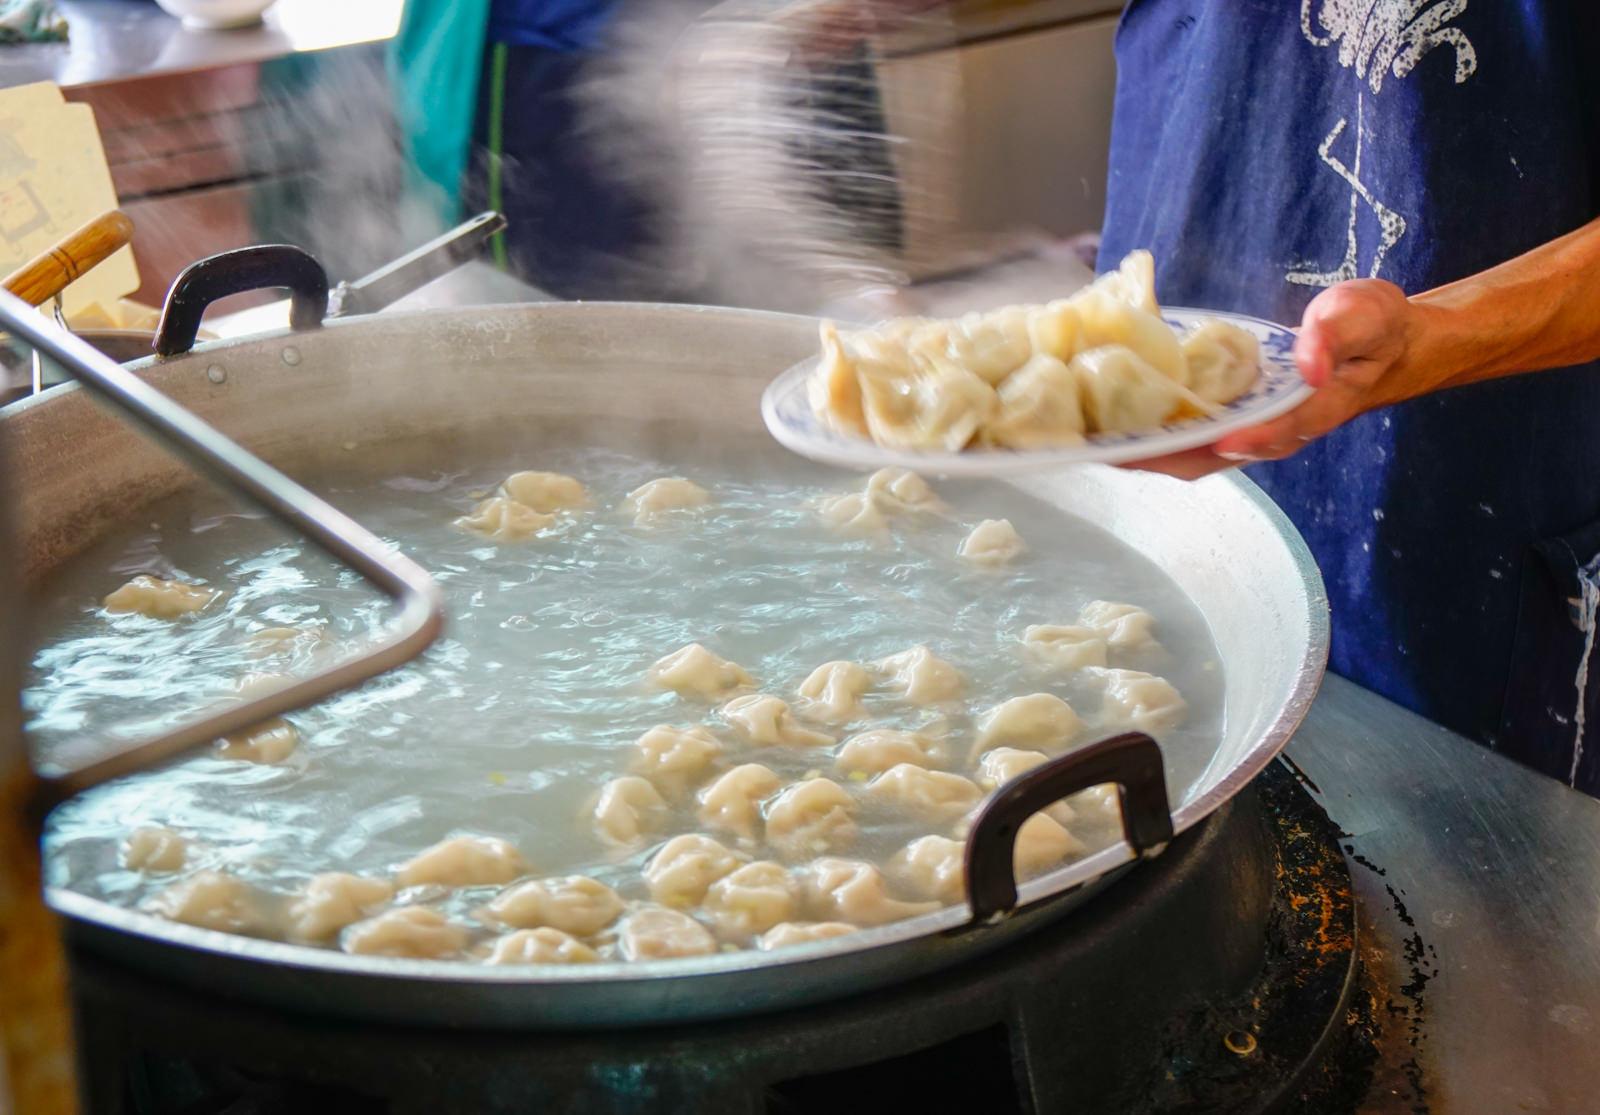 [台南]水餃之家-一顆4塊好吃手工水餃x俗擱大碗乾麵 台南老字號 台南水餃推薦 @美食好芃友